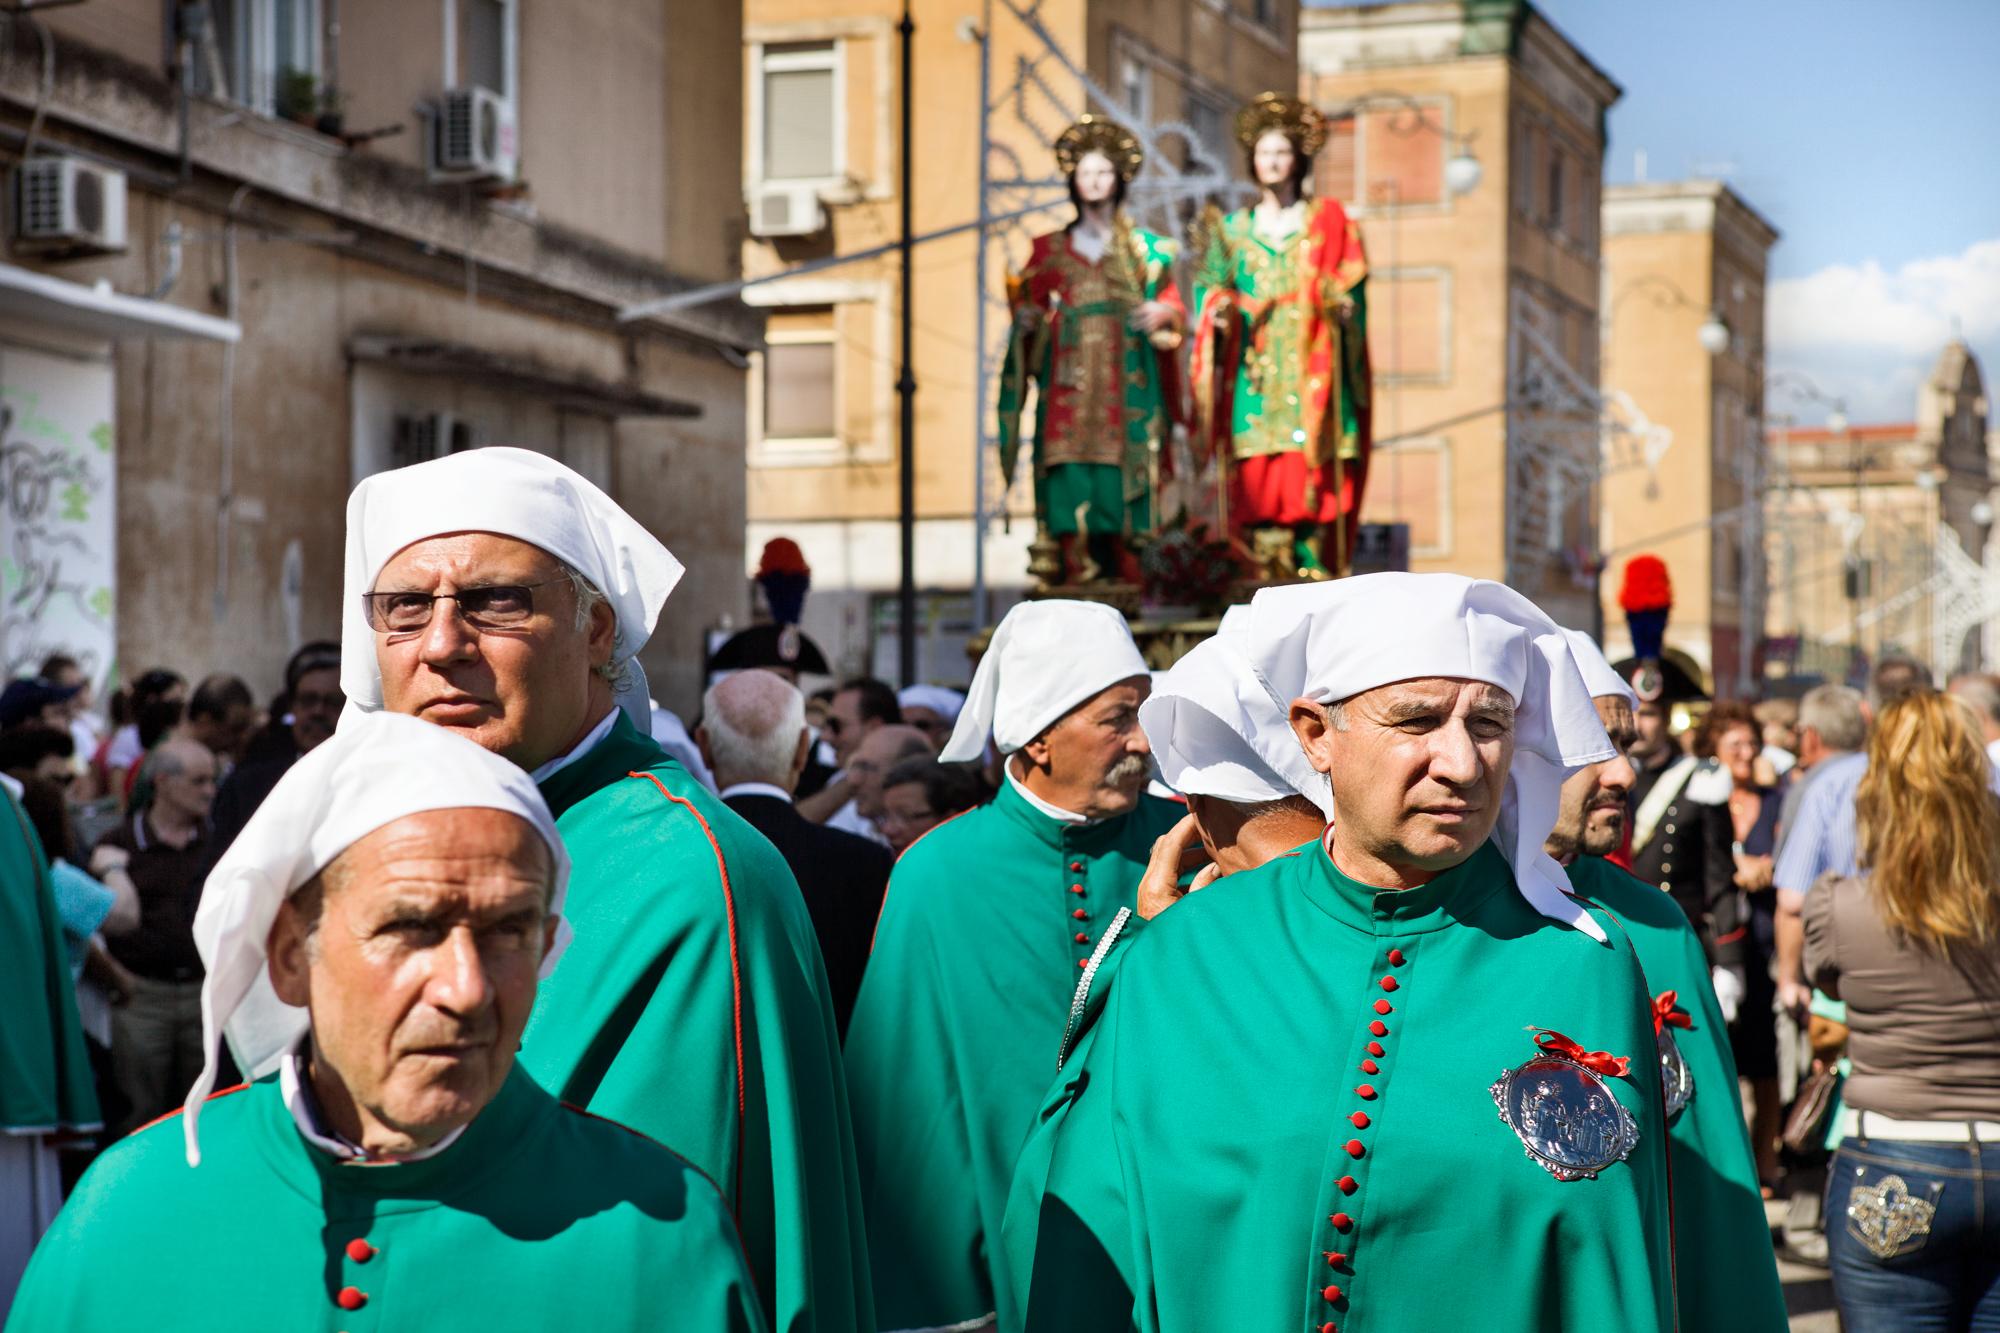 Taranto, Italia, 26 Settembre 2013. Processione dei santi medici Cosma e Damiano lungo la marina della Città Vecchia di Taranto.